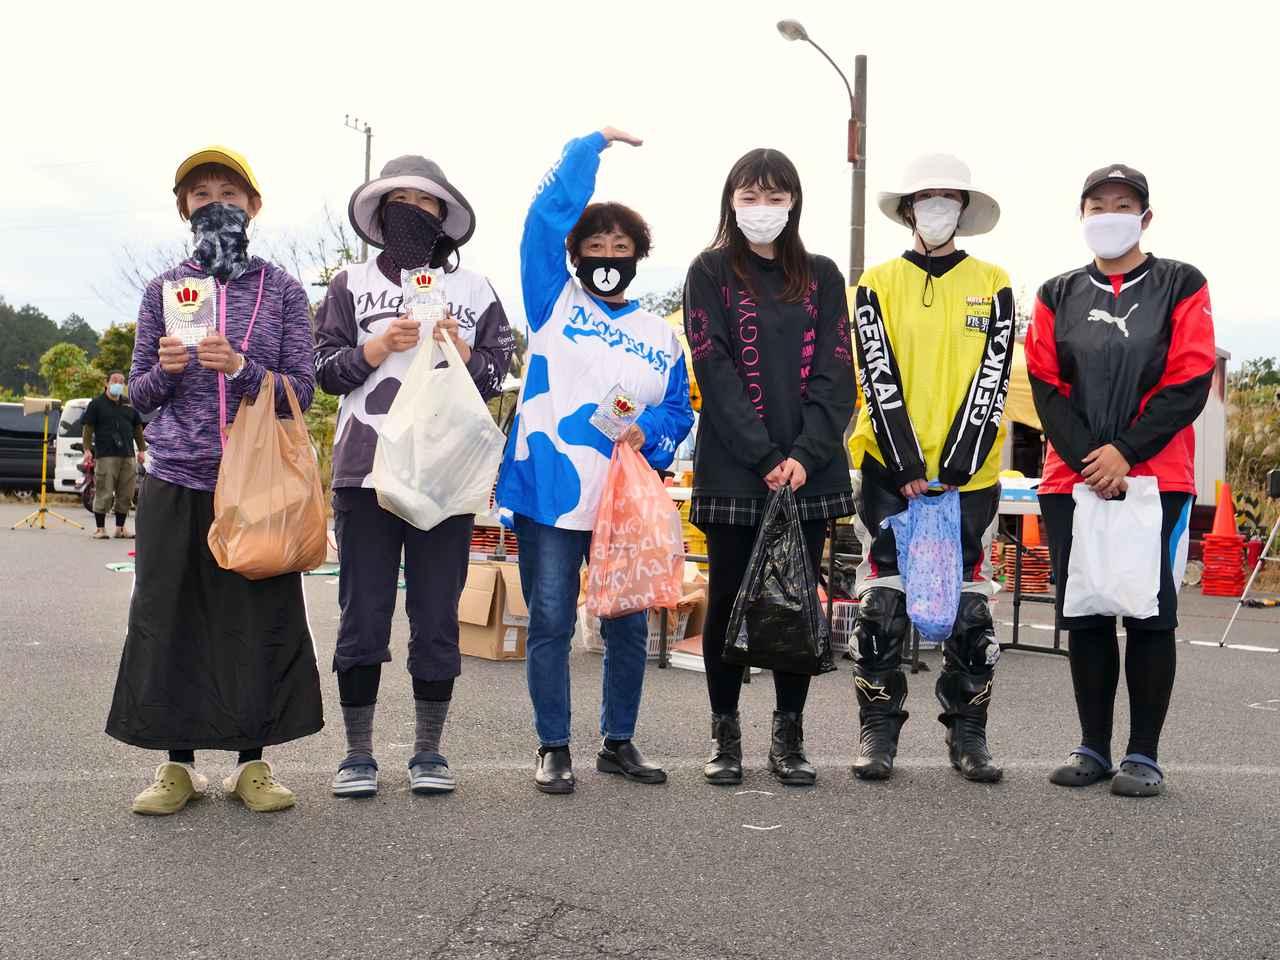 画像: NL級入賞者 左から1位・前島恵利香選手、2位・土橋朋子選手、3位・加瀬京見選手、4位・小森彩可選手、5位・山本果菜選手、6位・双木幸佳選手